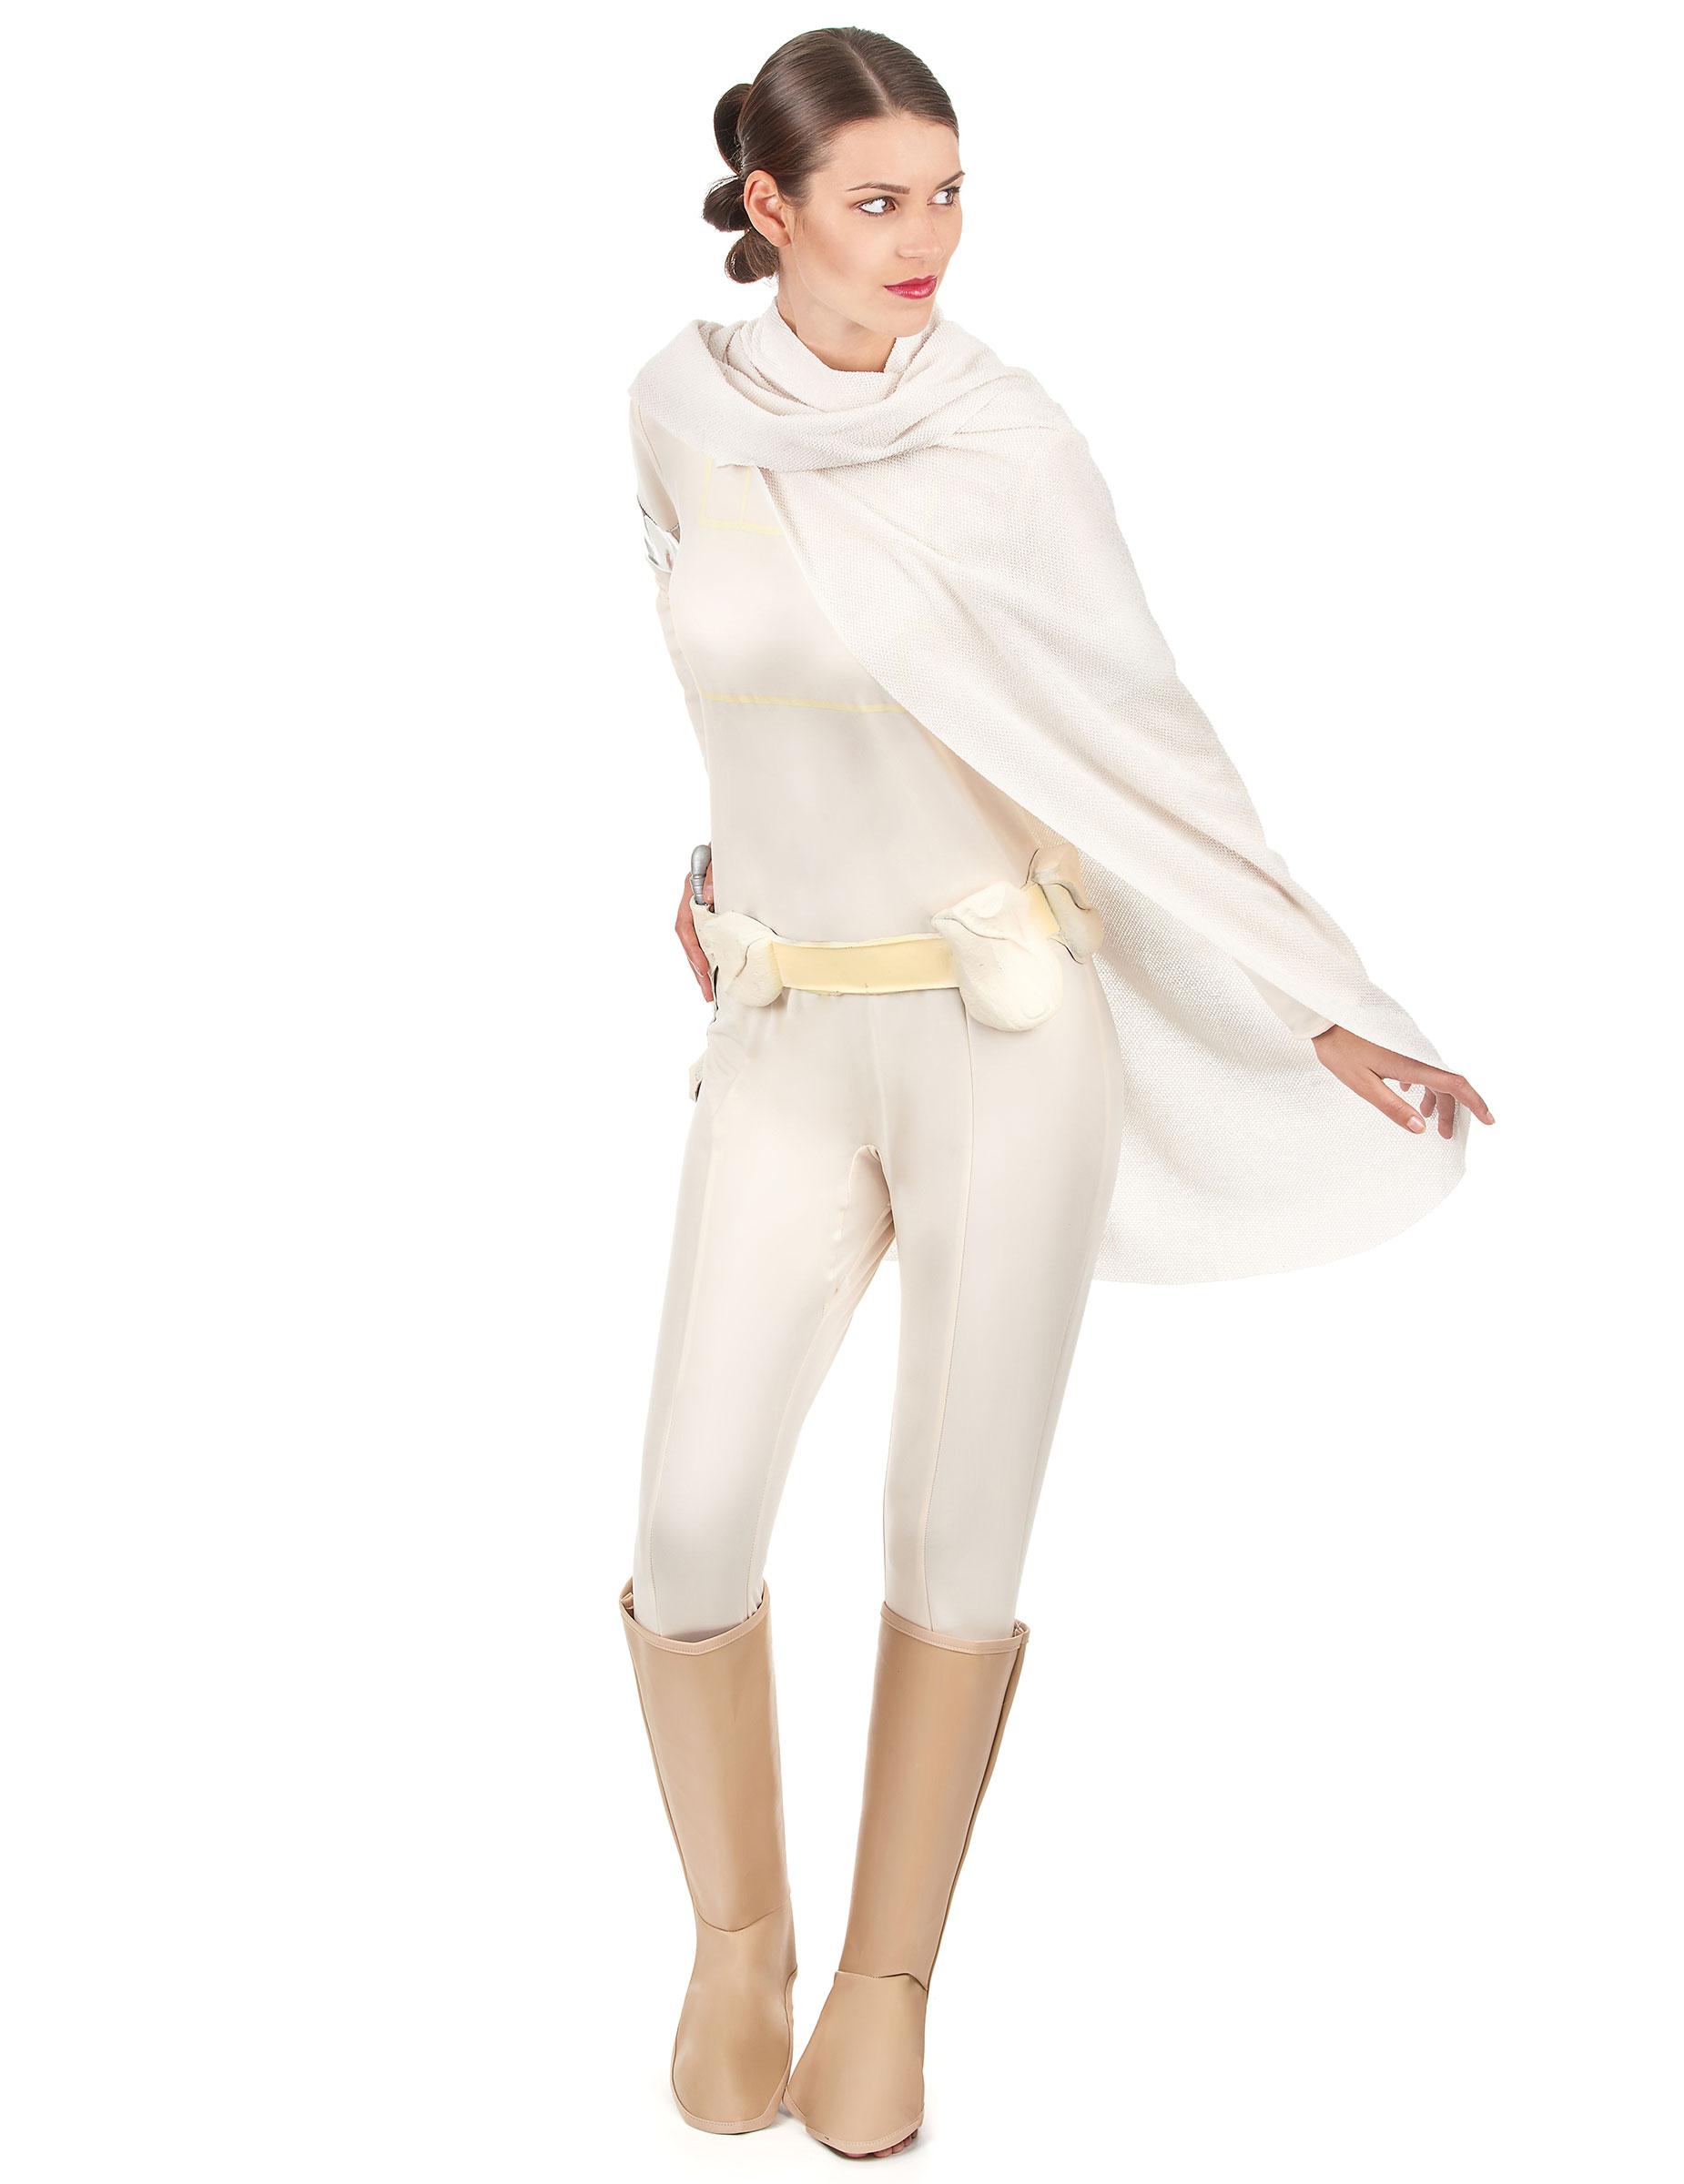 Padme Amidala Kostüm aus Star Wars™ für Damen Kostüme für